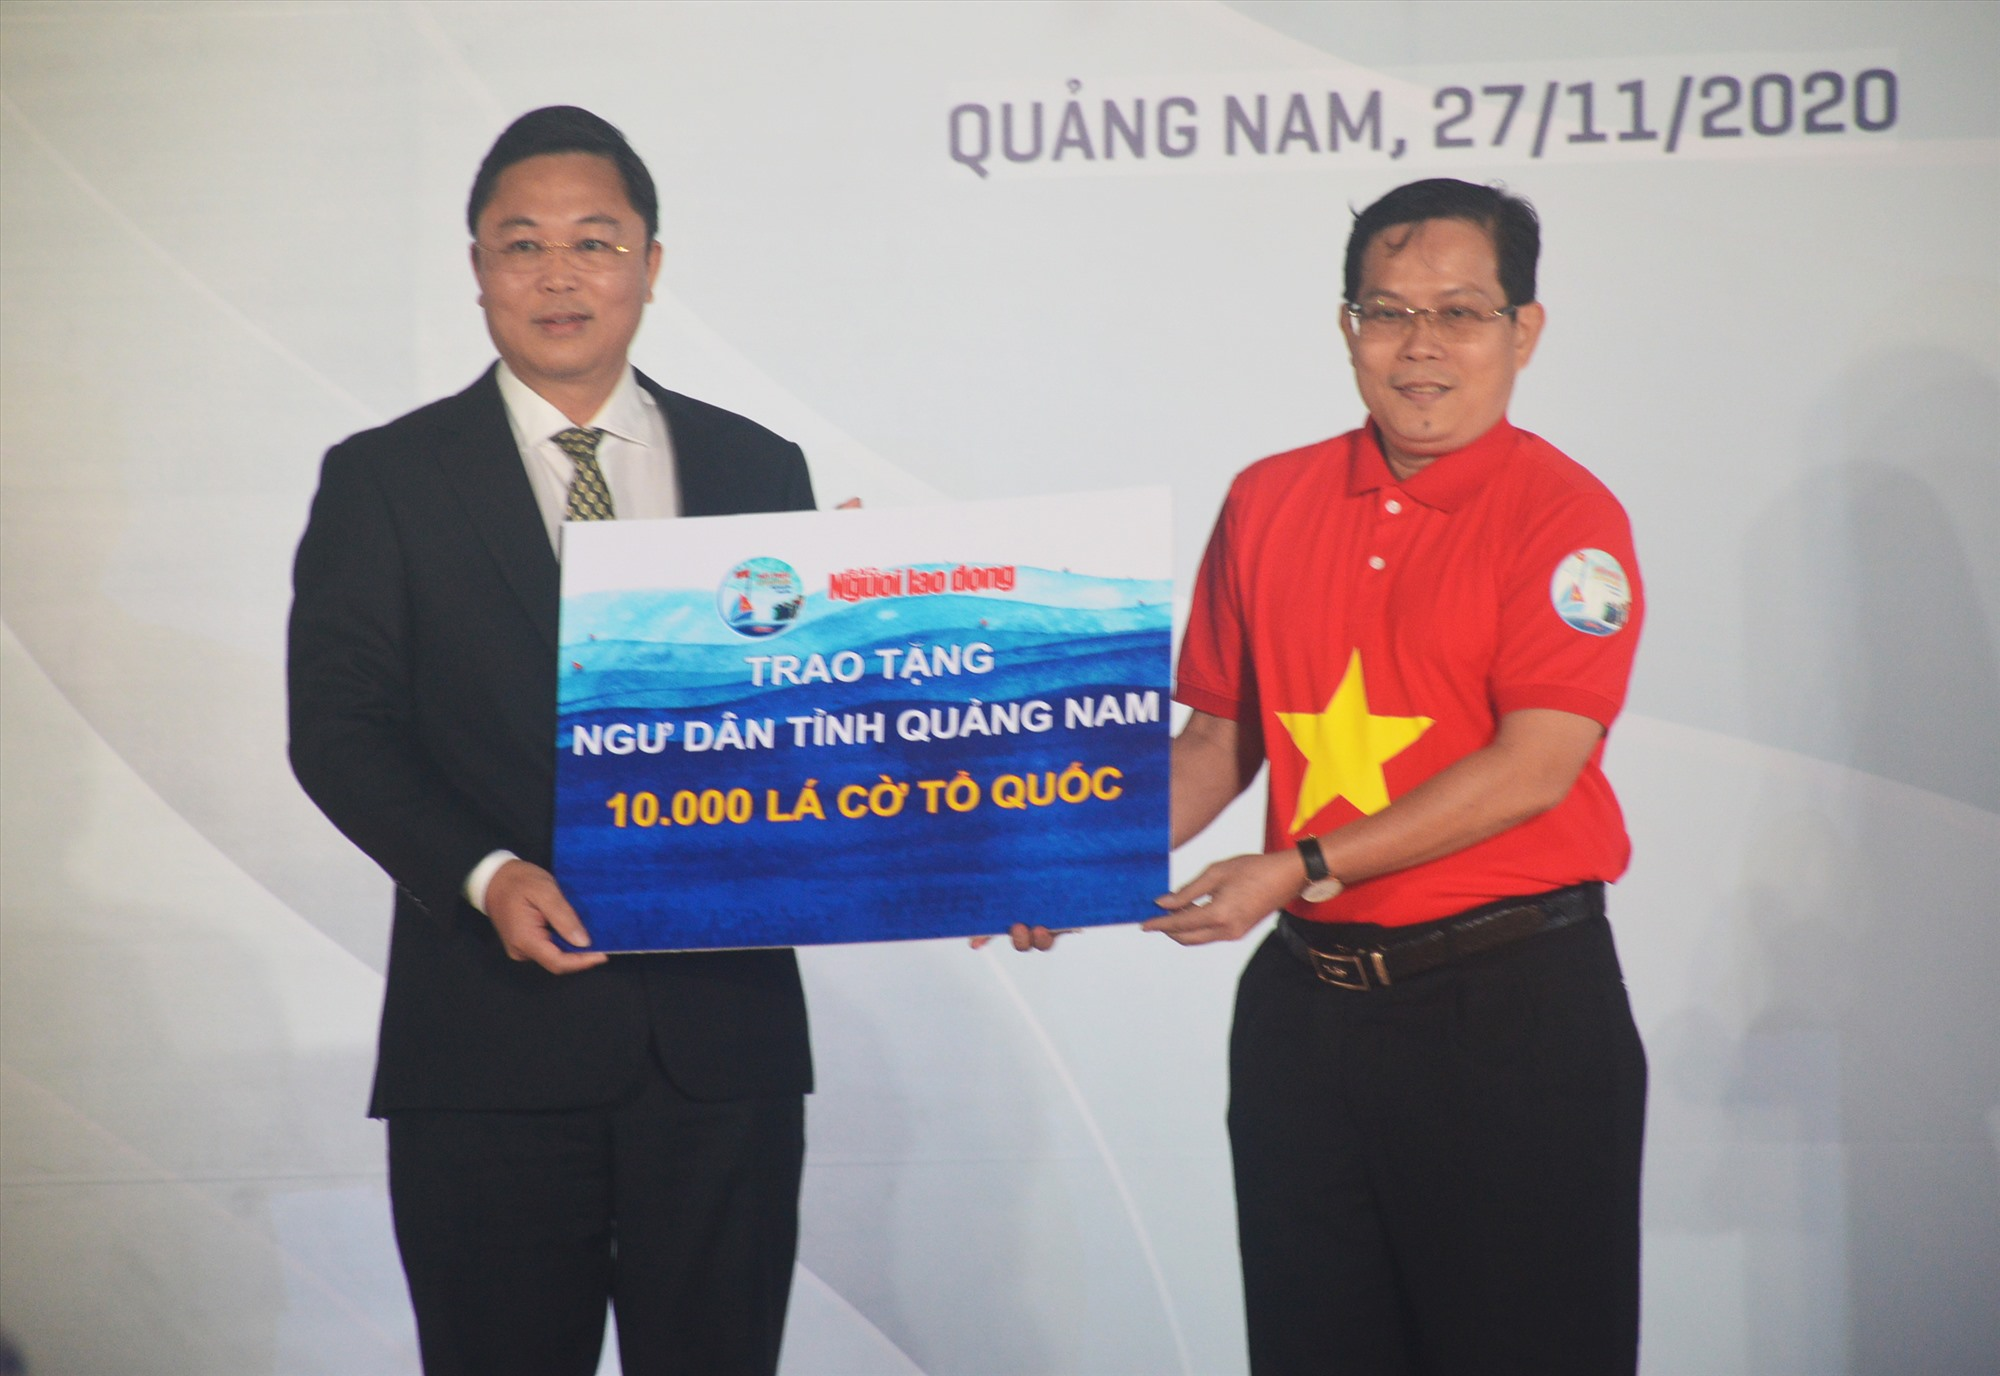 Chủ tịch UBND tỉnh Lê Trí Thanh tiếp nhận 10 nghìn lá cờ tổ quốc từ Báo Người lao động trao tặng động viên ngư dân vươn khơi bám biển. Ảnh: T.L